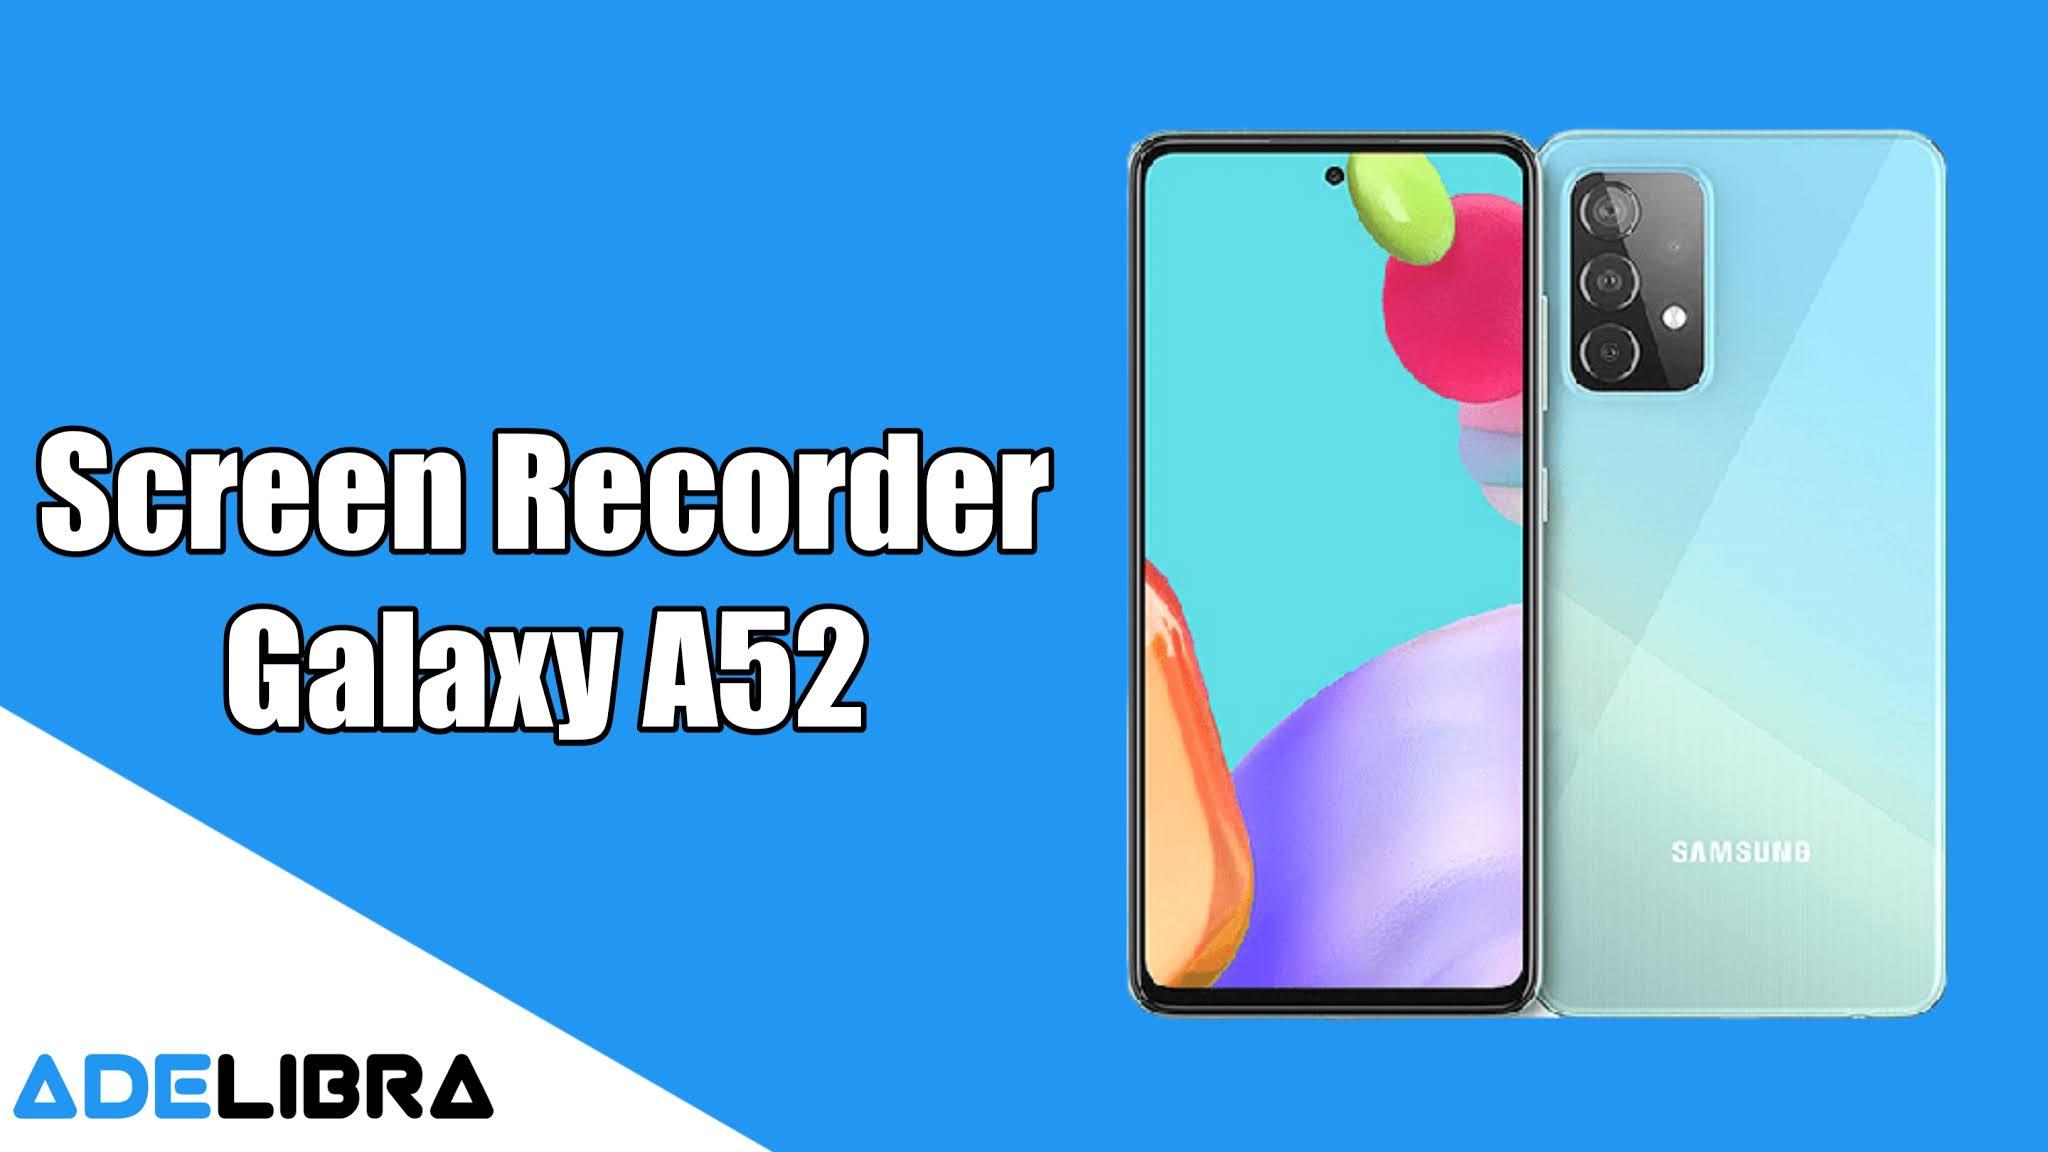 Screen Recorder Samsung Galaxy A52